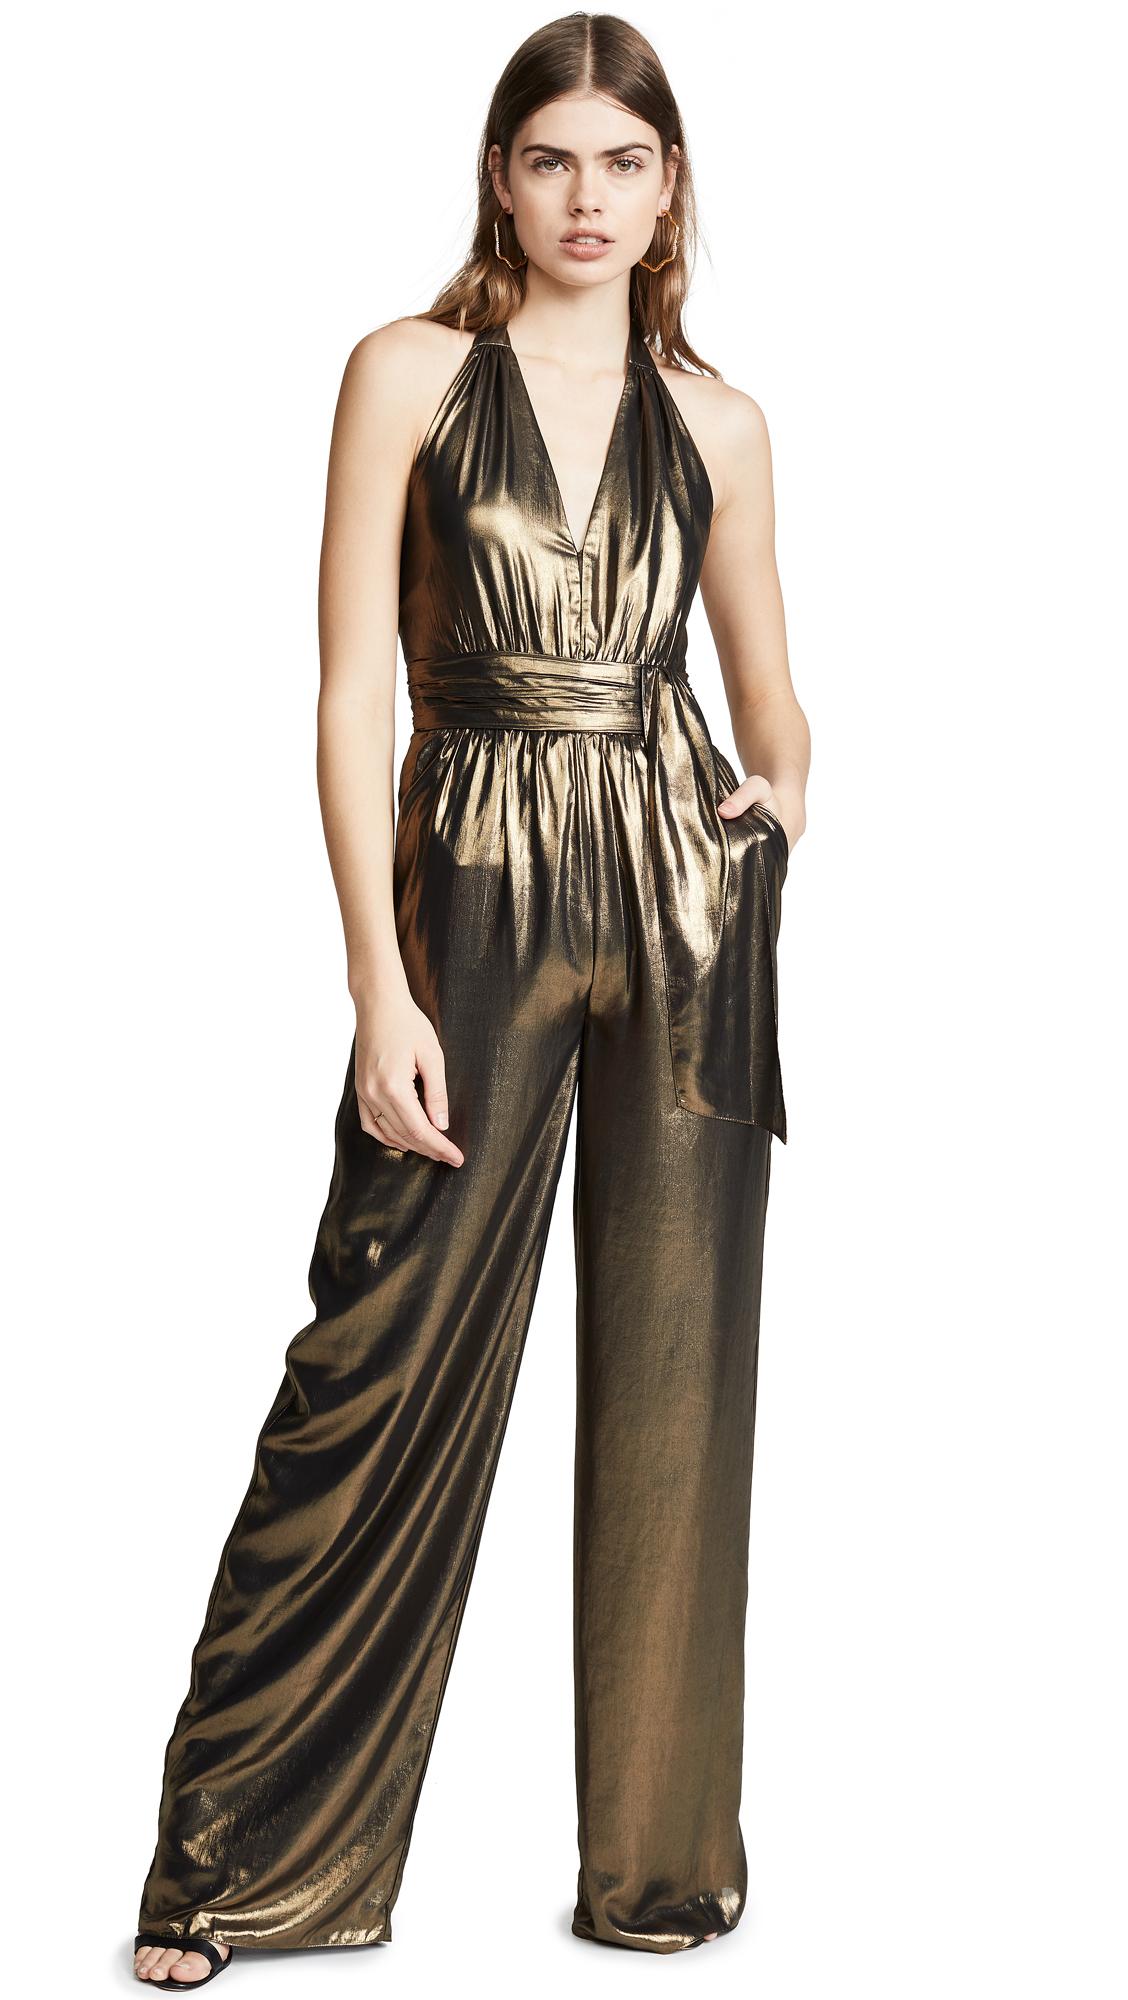 Rachel Zoe Renee Jumpsuit - Gold